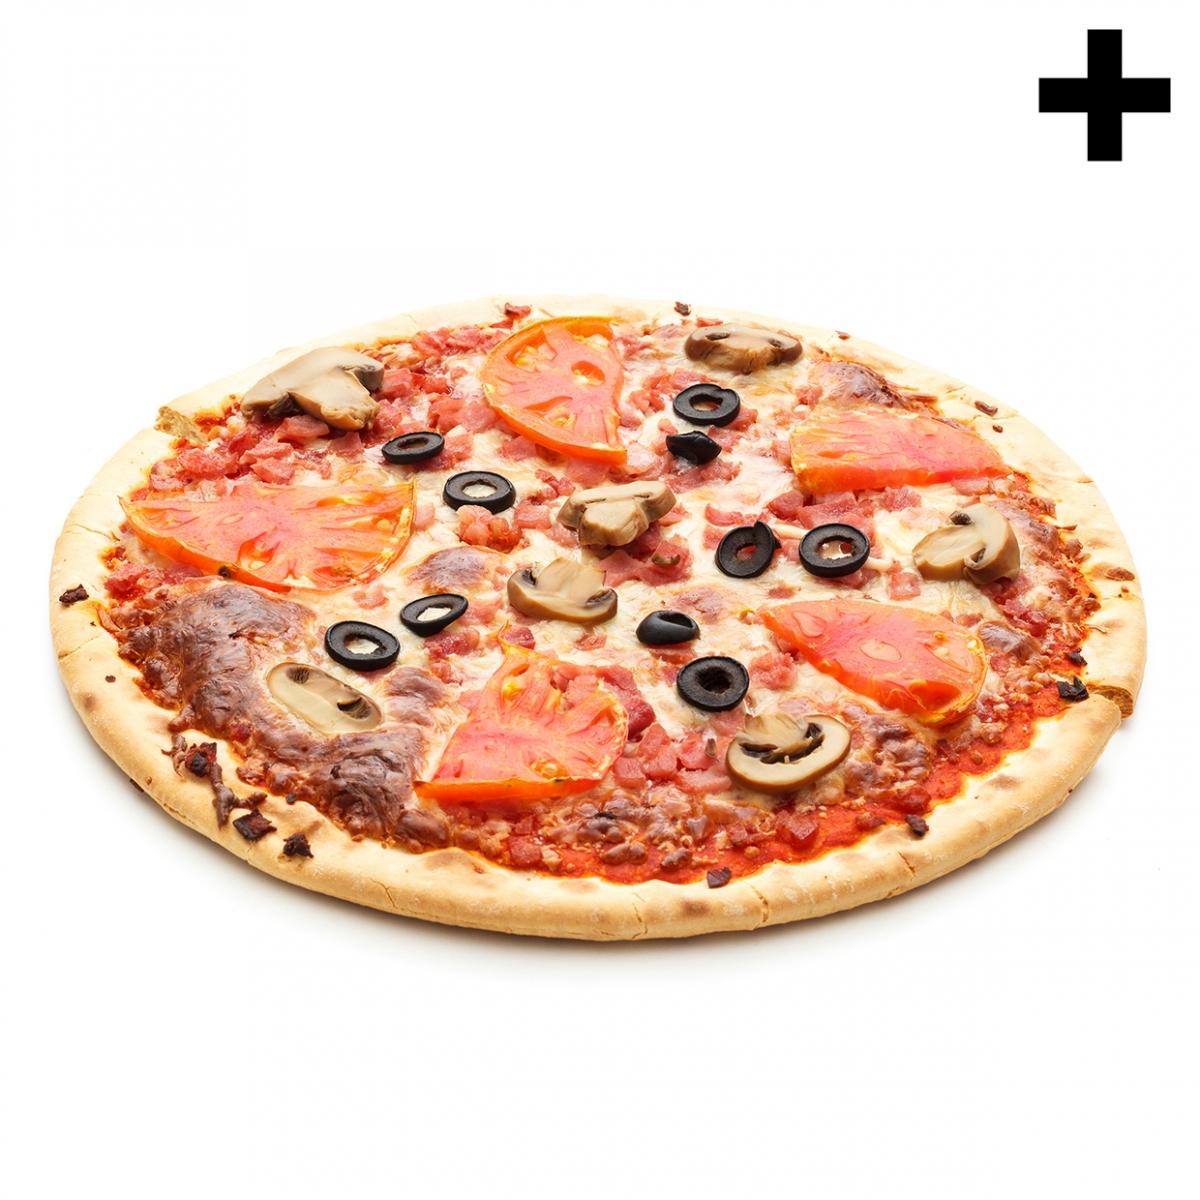 Imagen en la que se ve una pizza de olivas, champiñones y tomate ya cocinada